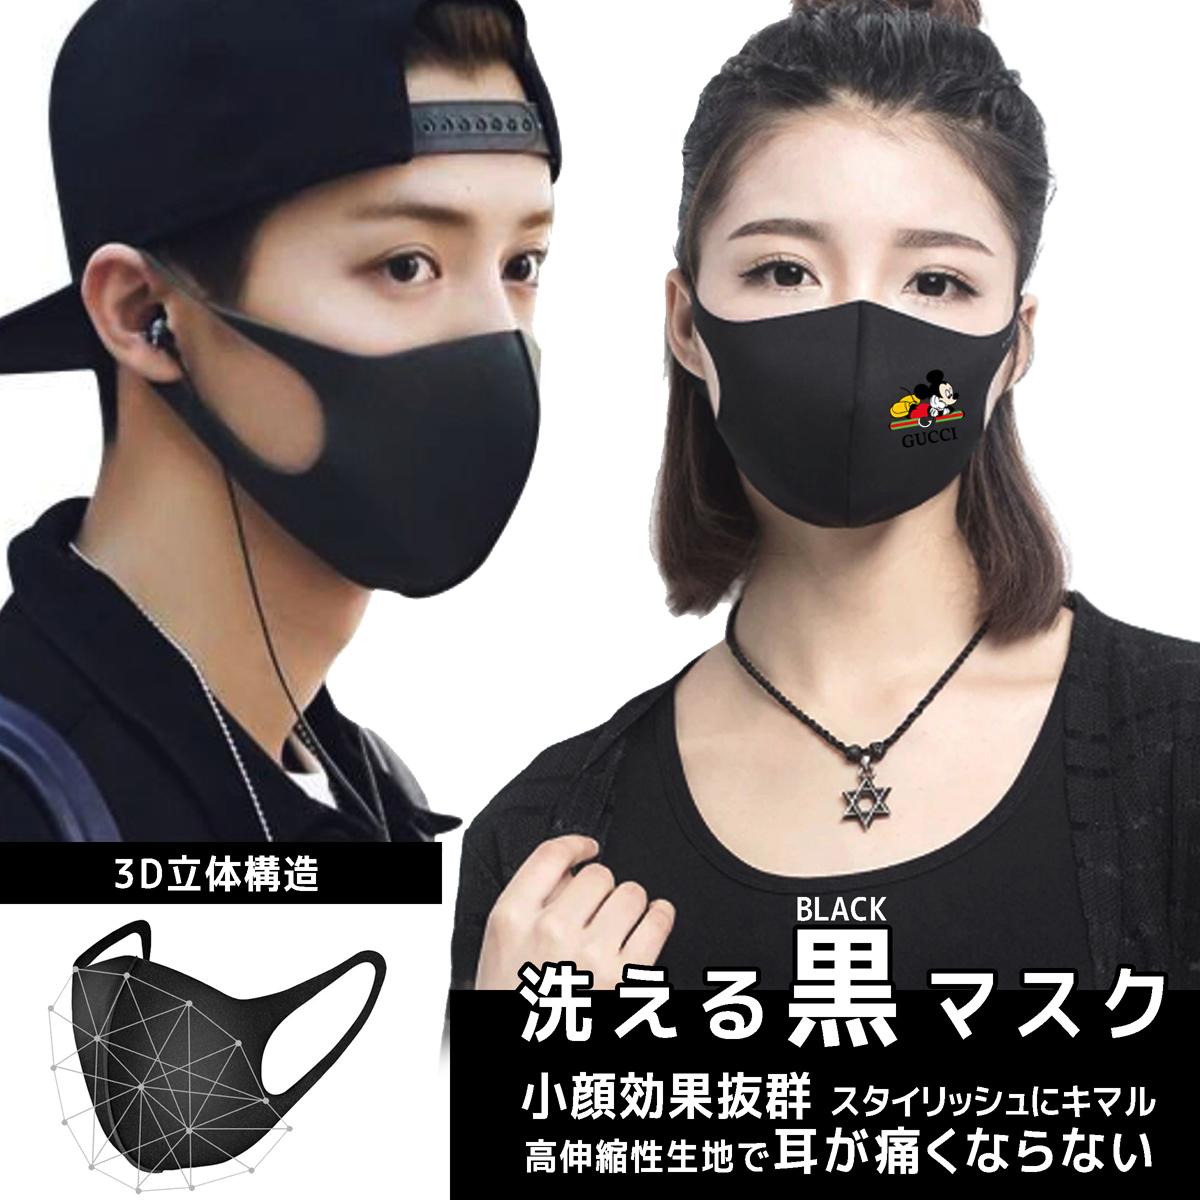 gucci 手作り布マスク 洗える ブランド通販 小顔 フェイスマスク